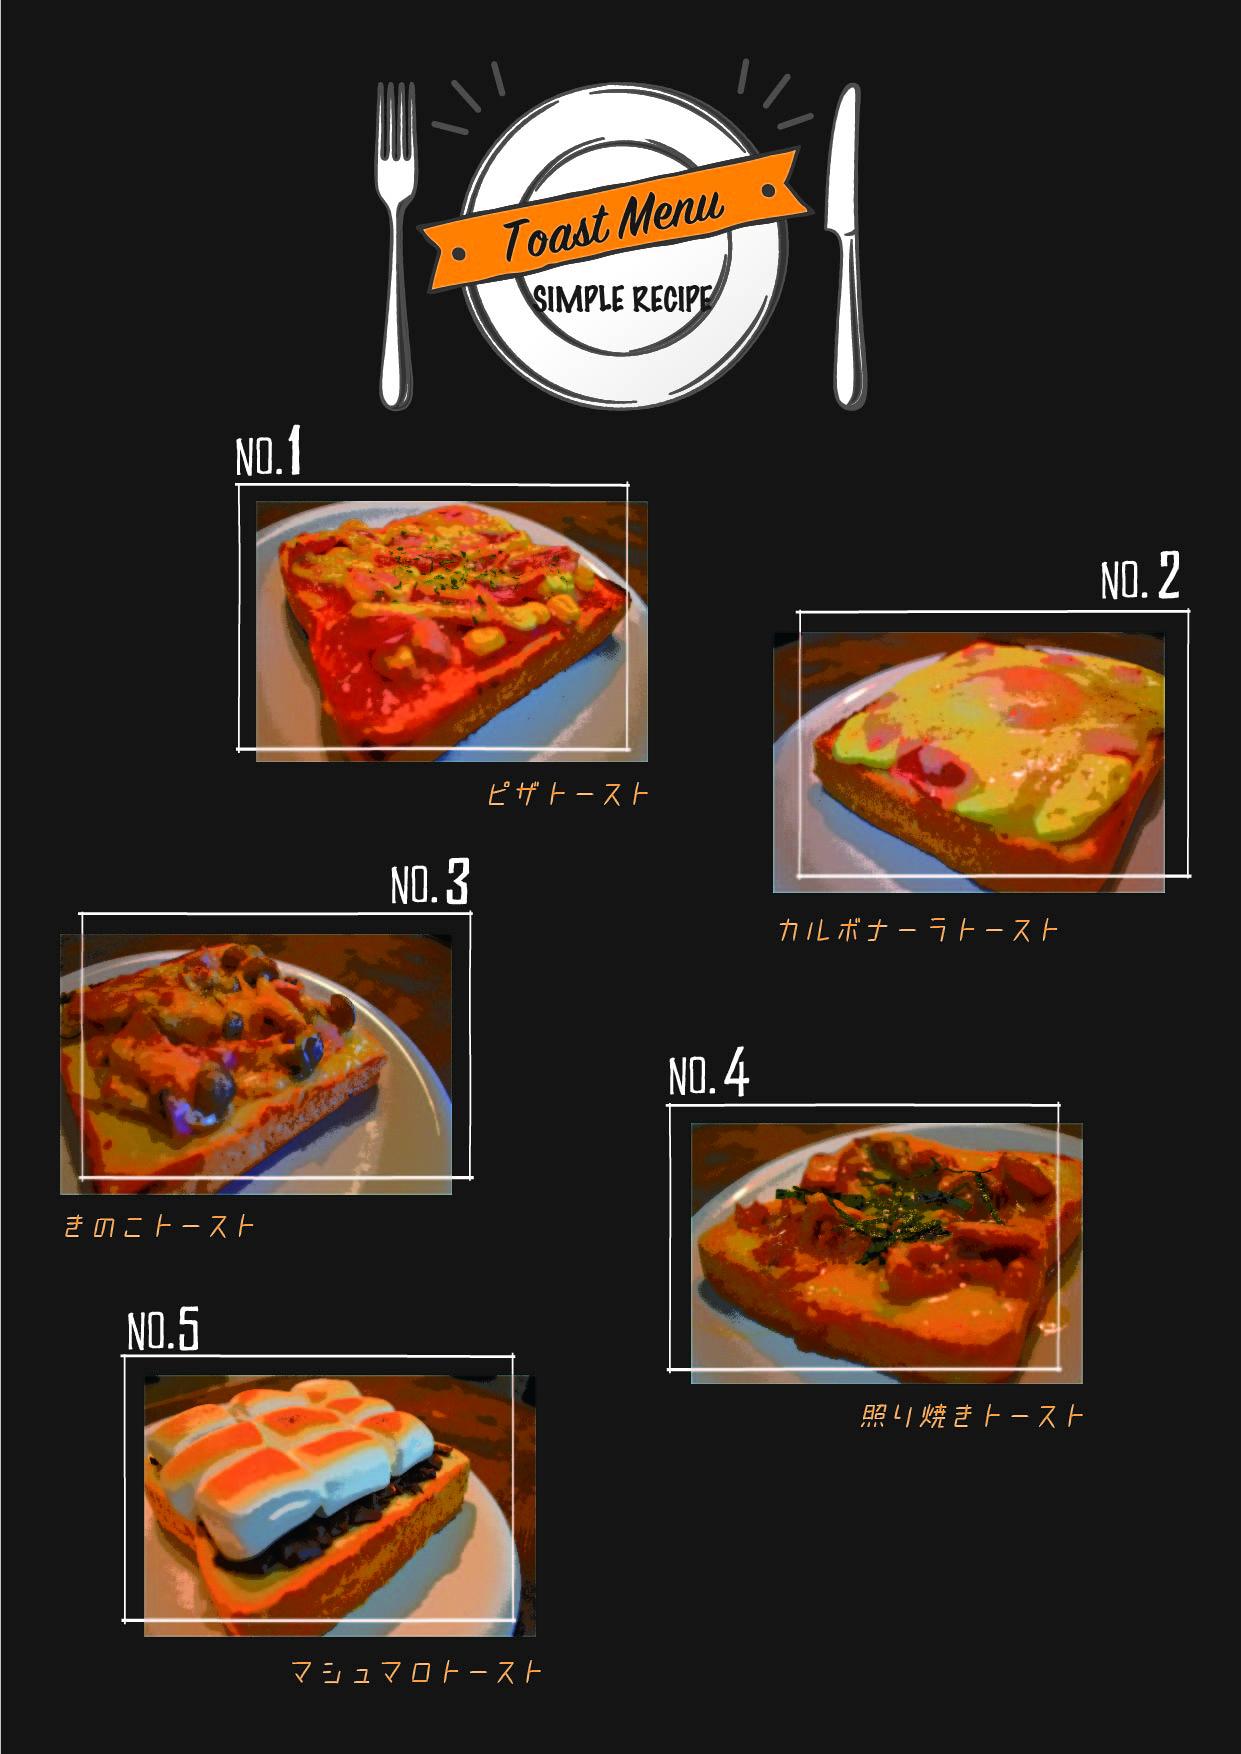 レシピ01-02.jpg